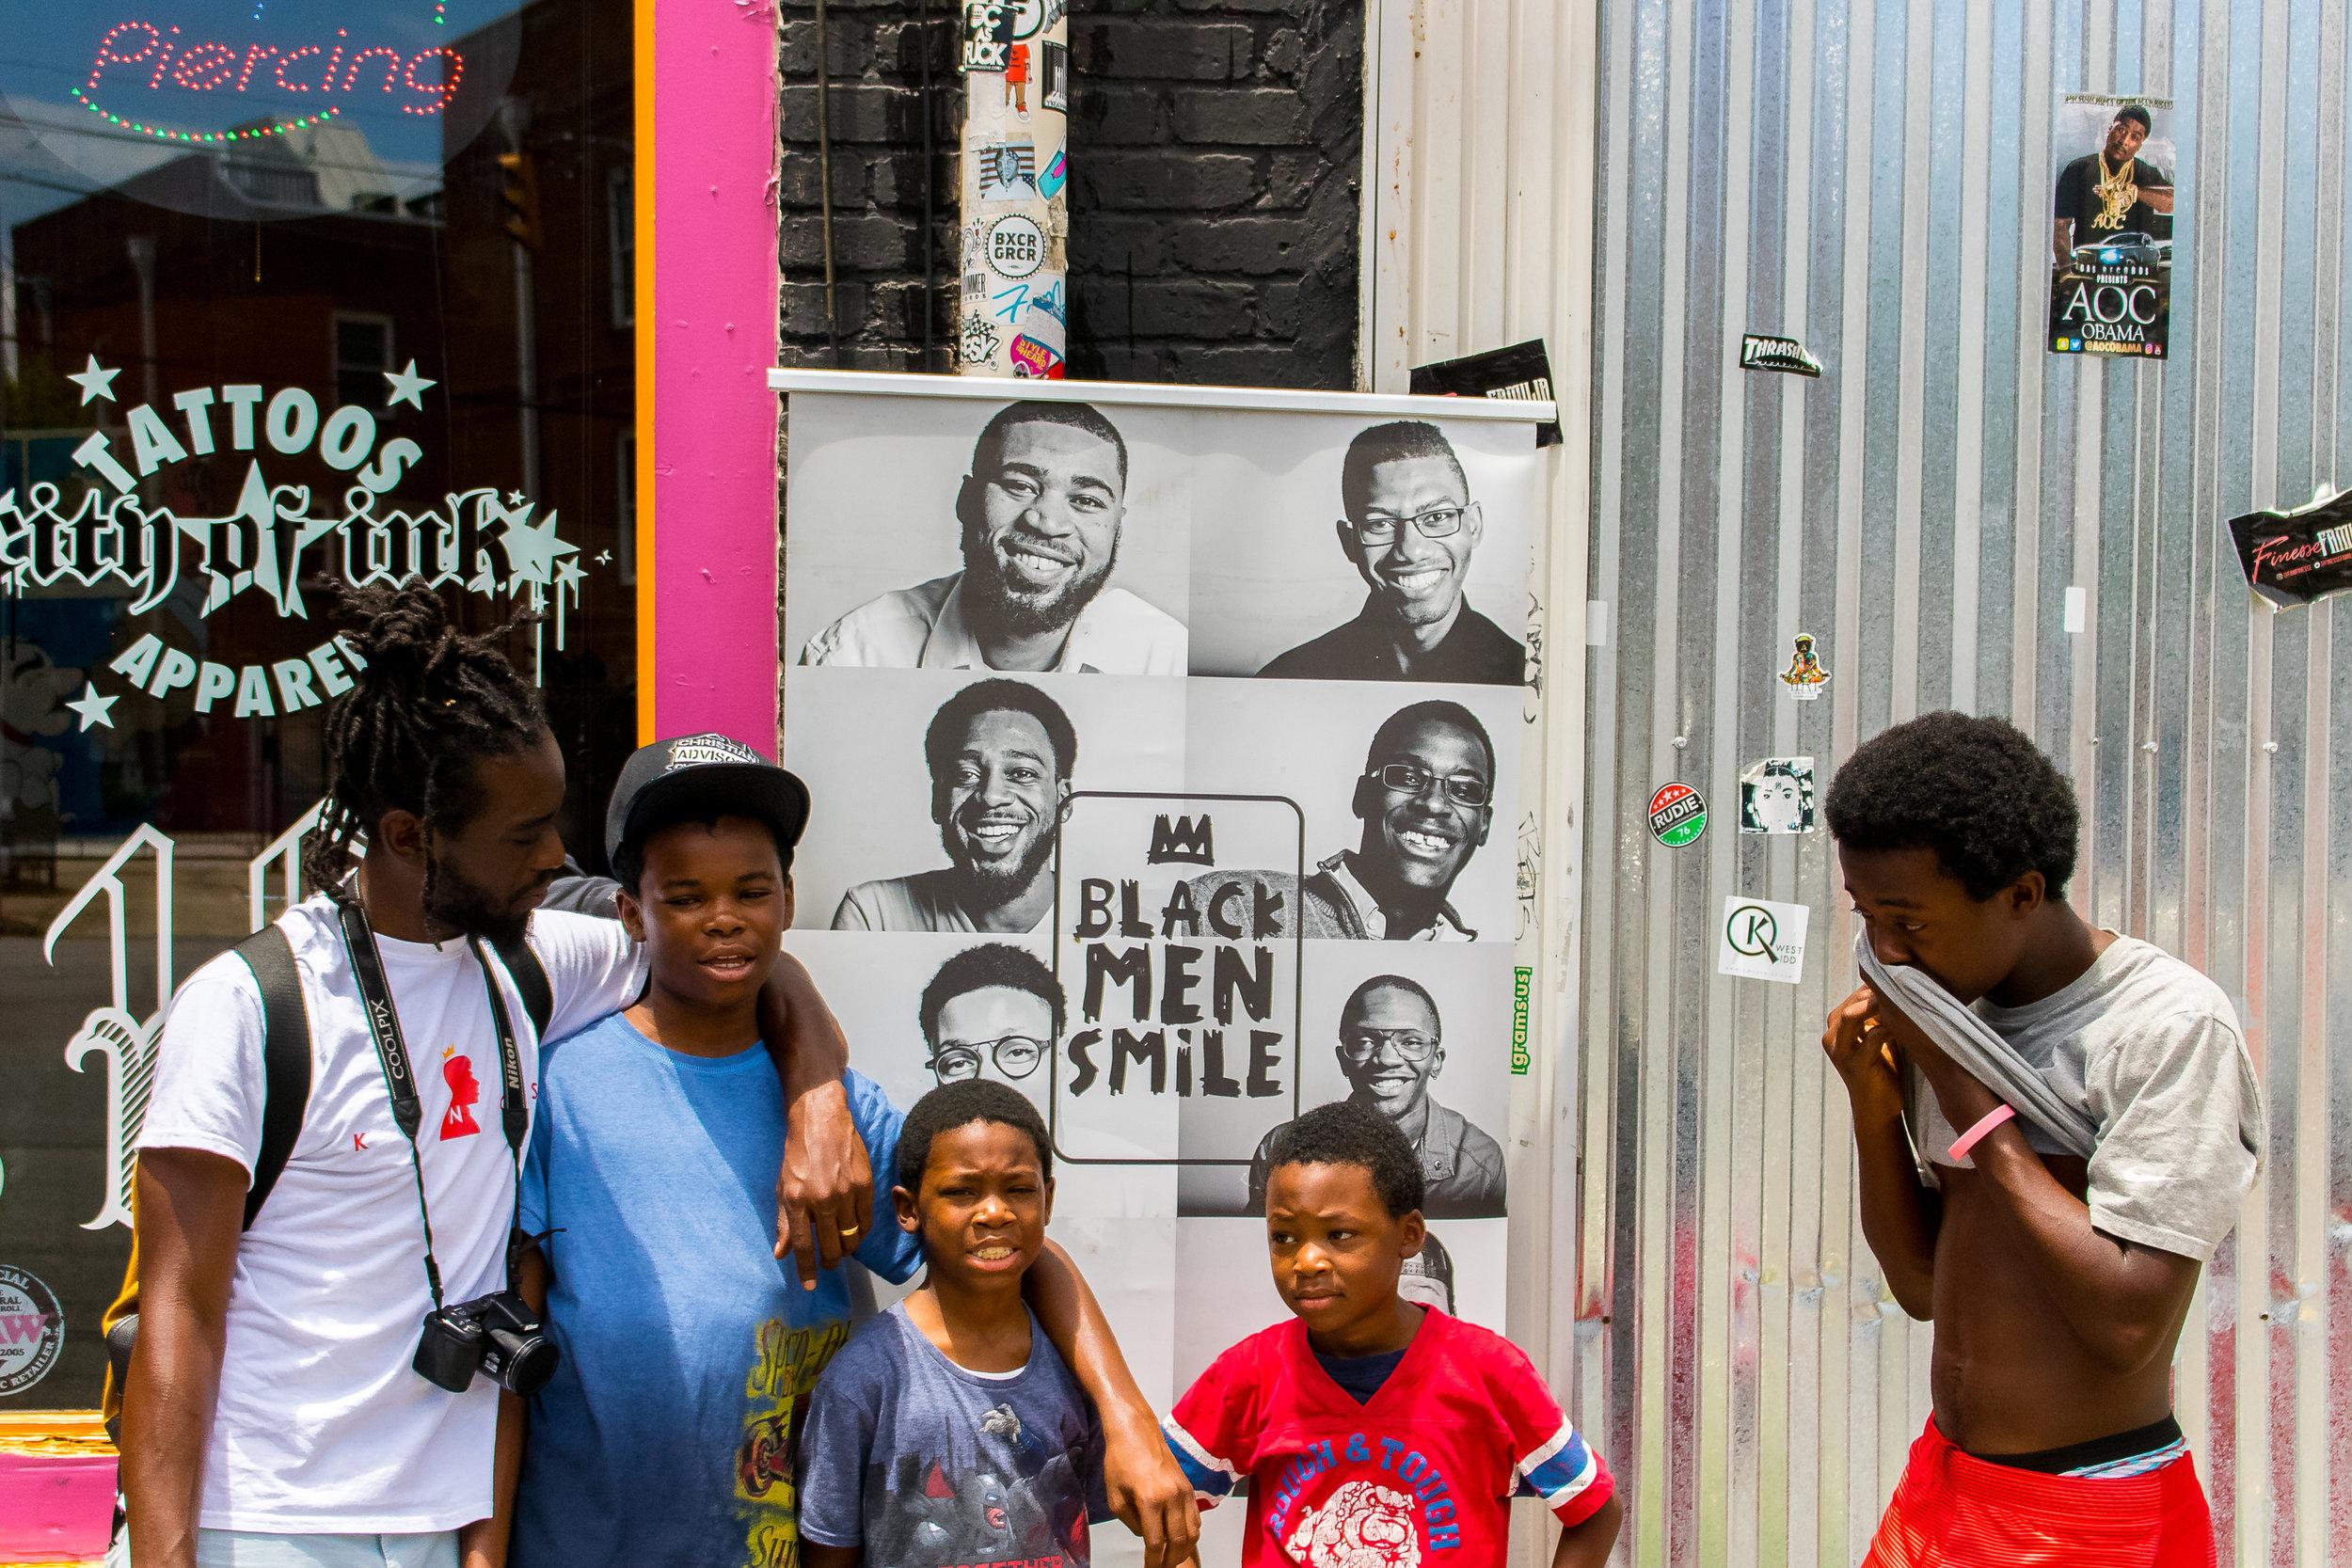 Black Men Smile - 2017 -Black Men Smile - 2017 -IMG_2190 (resized).jpg